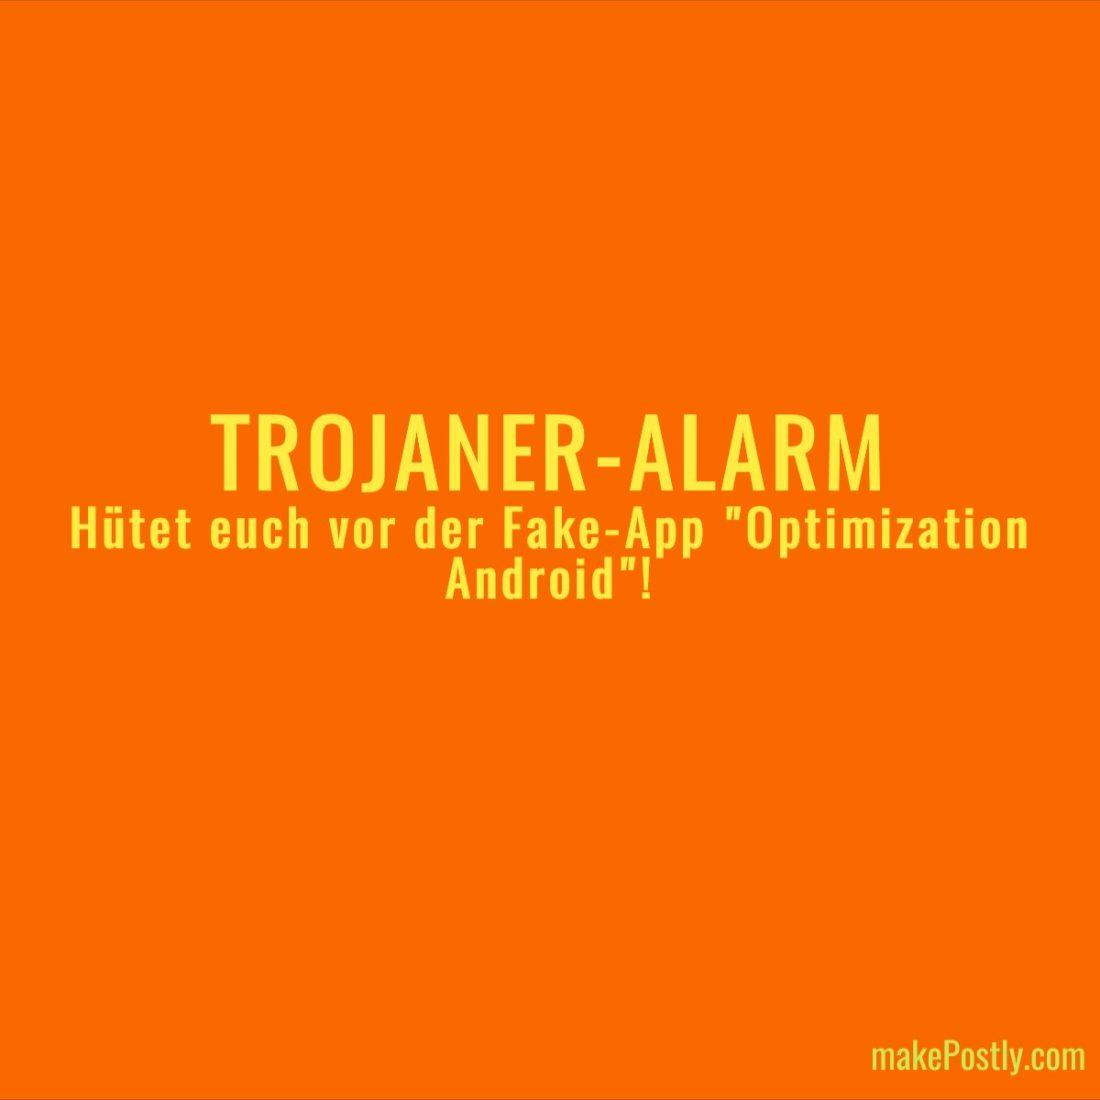 TROJANERALARM Htet euch vor der FakeApp Optimization Android A